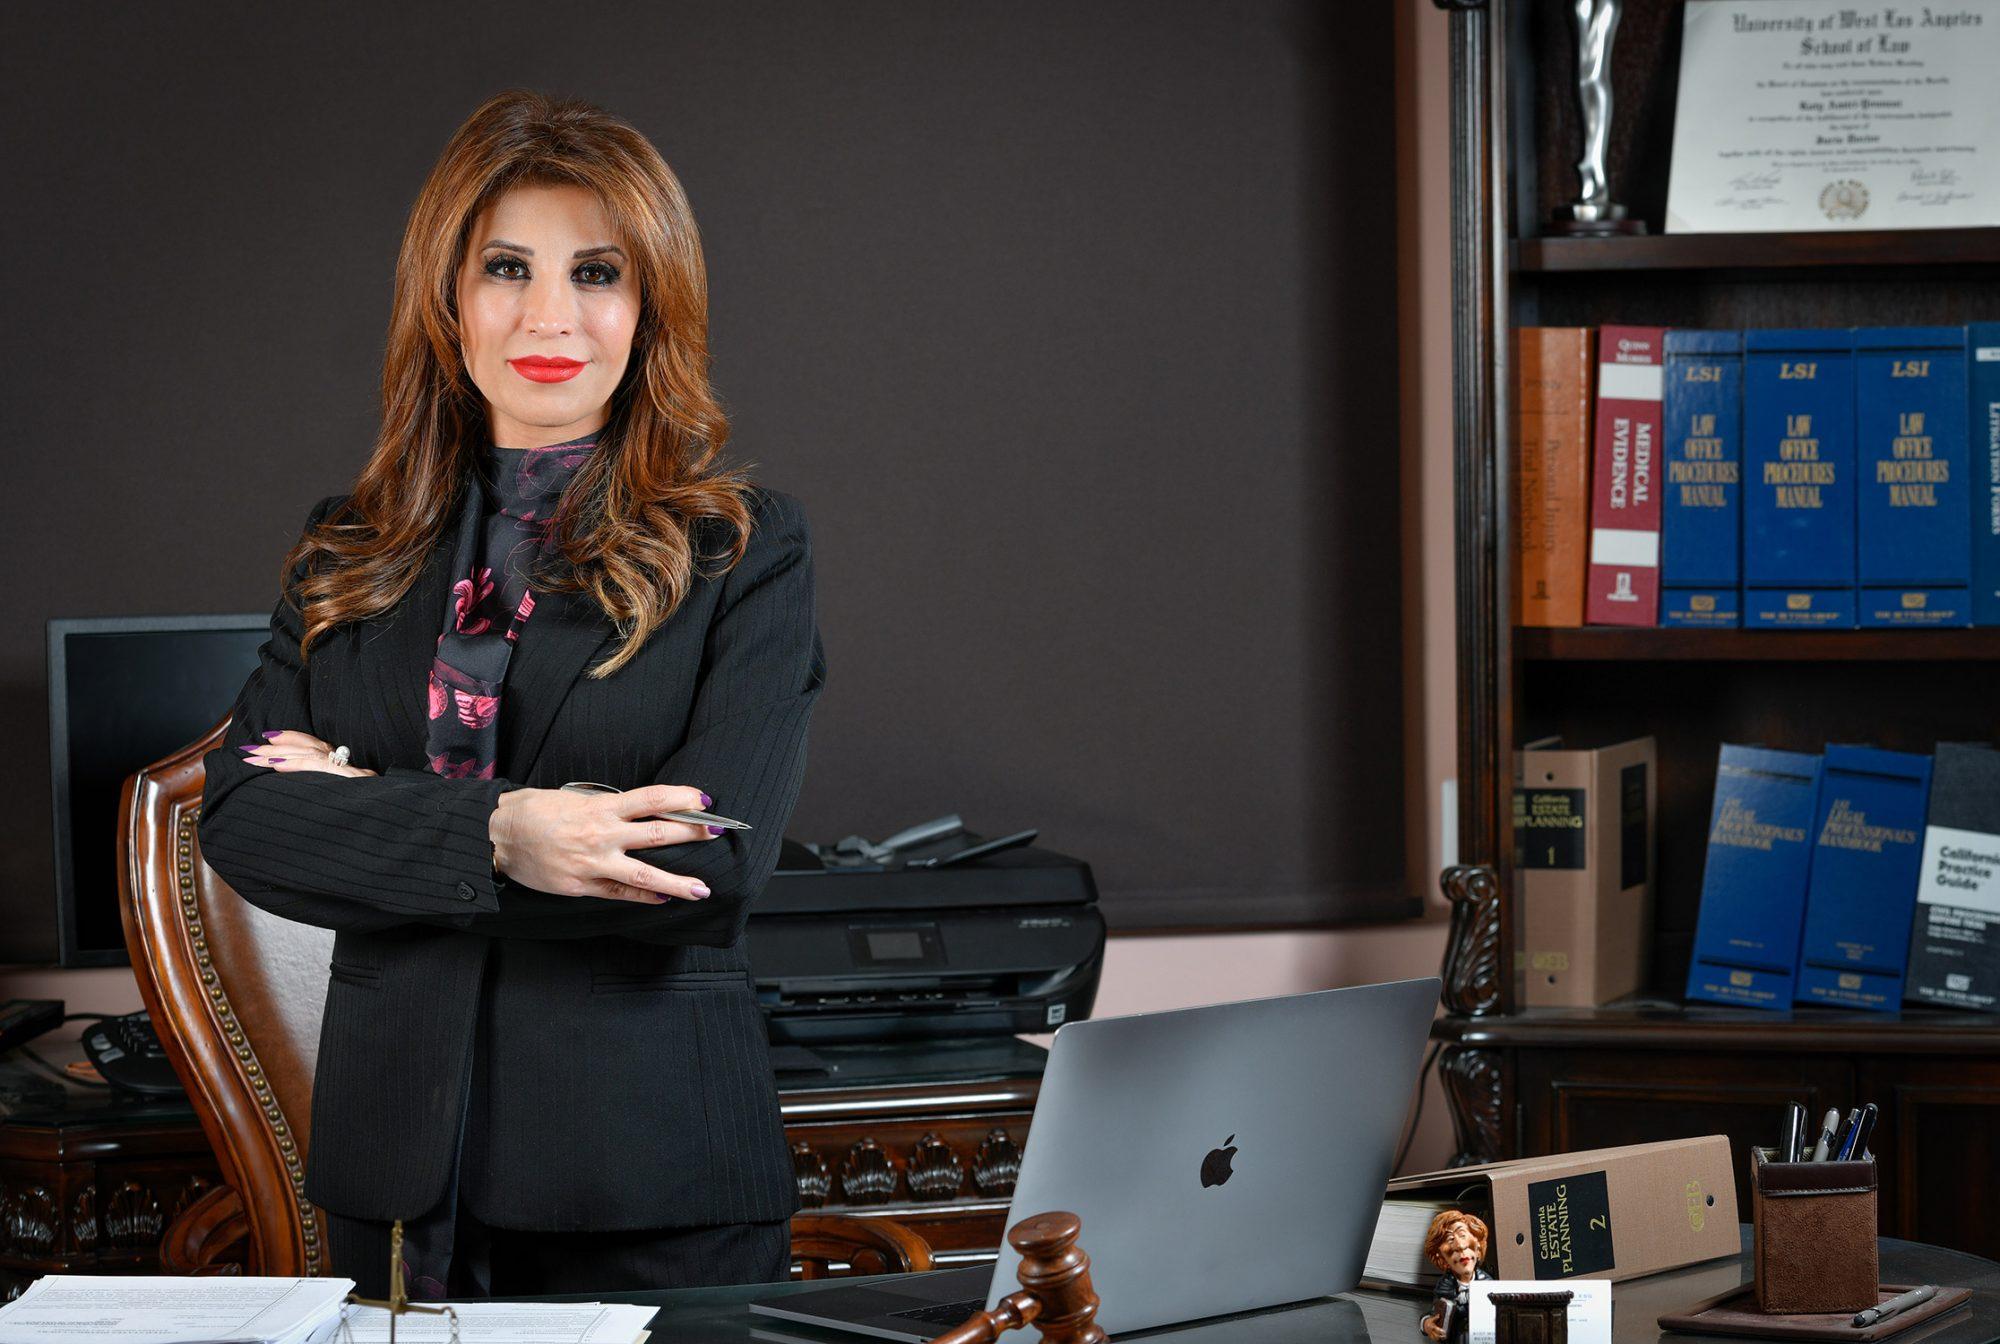 Katy Amiri Younesi 90210 Law Firm